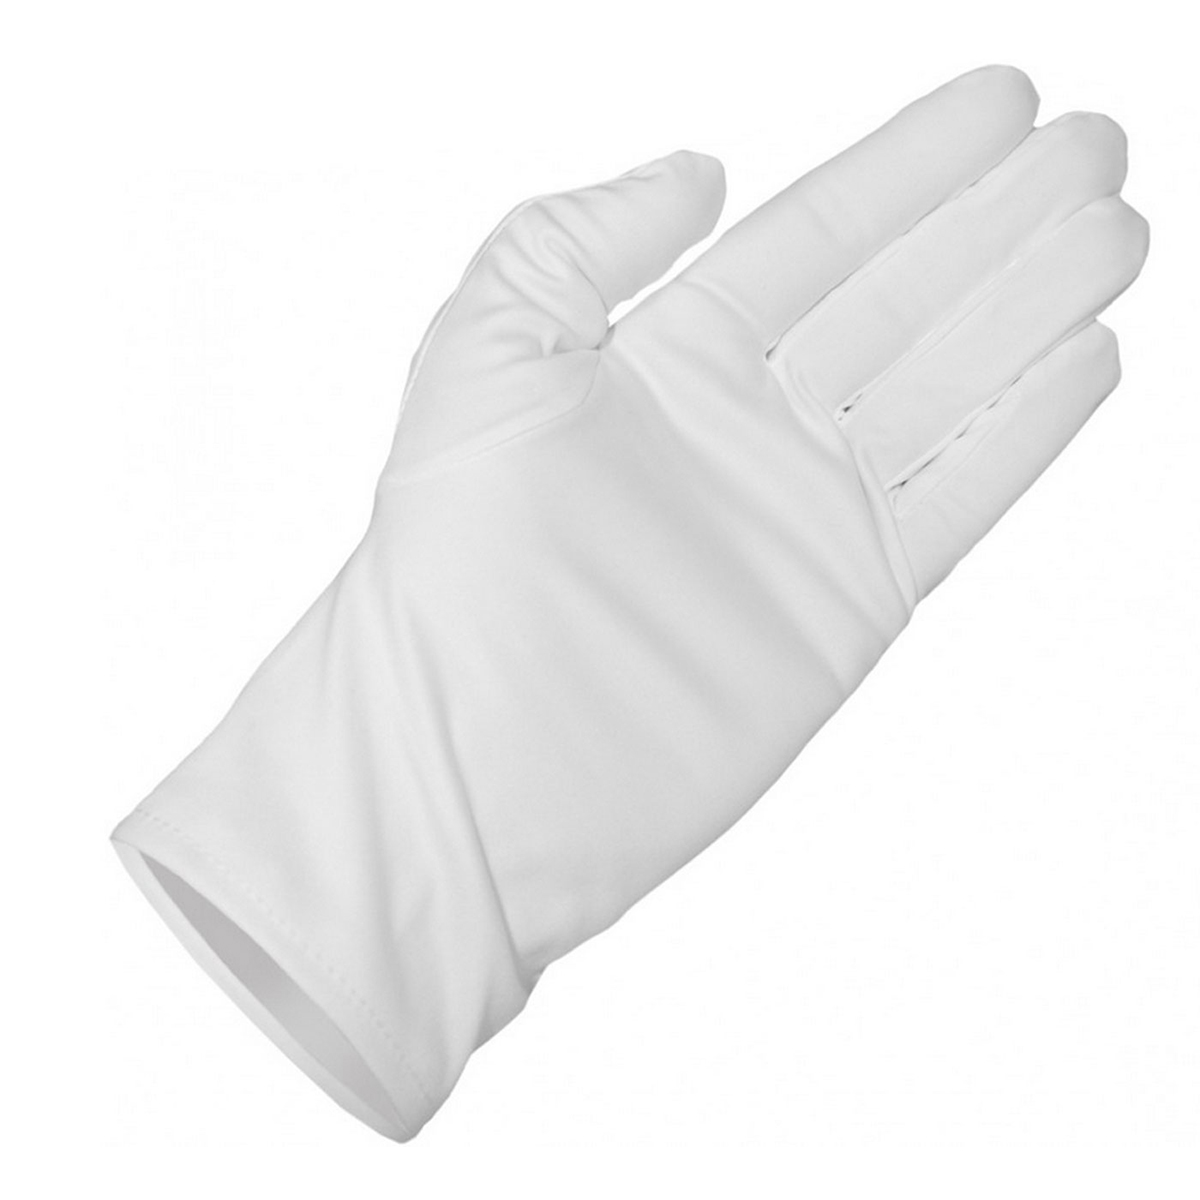 B.I.G. Microfaser-Handschuhe Größe M 10 Paar